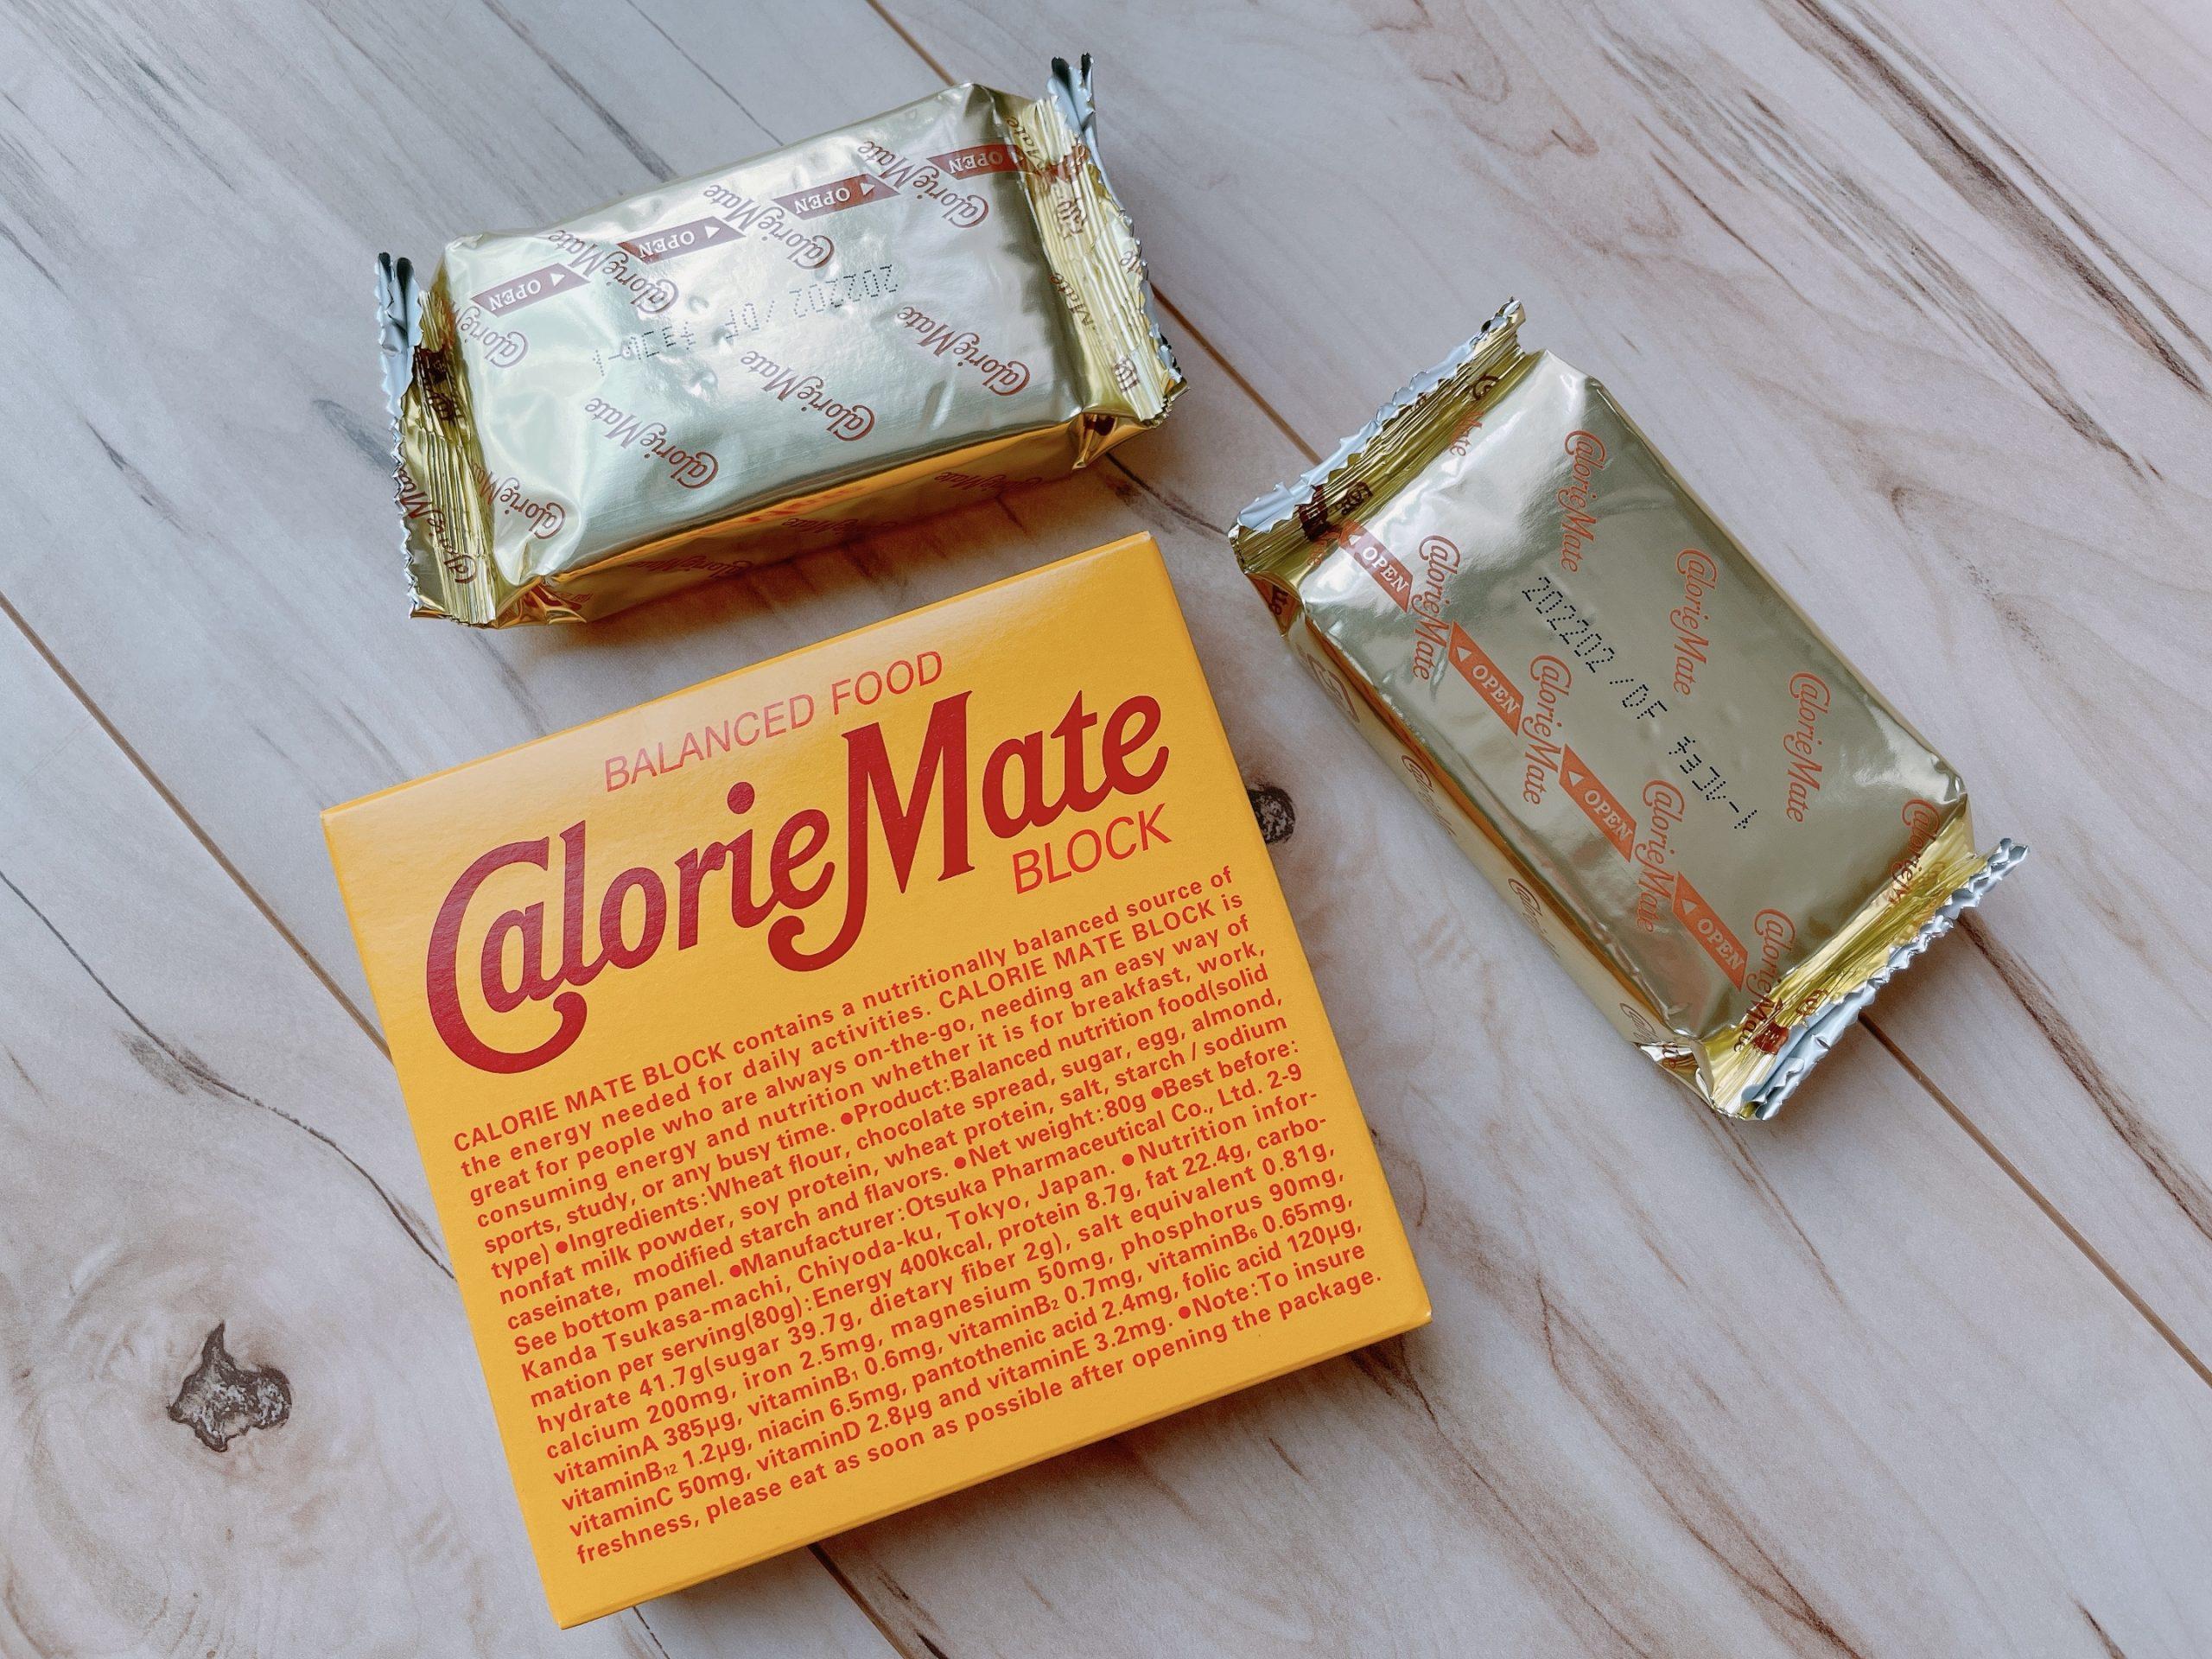 カロリーメイト ブロック チョコレート味、開封4個入り